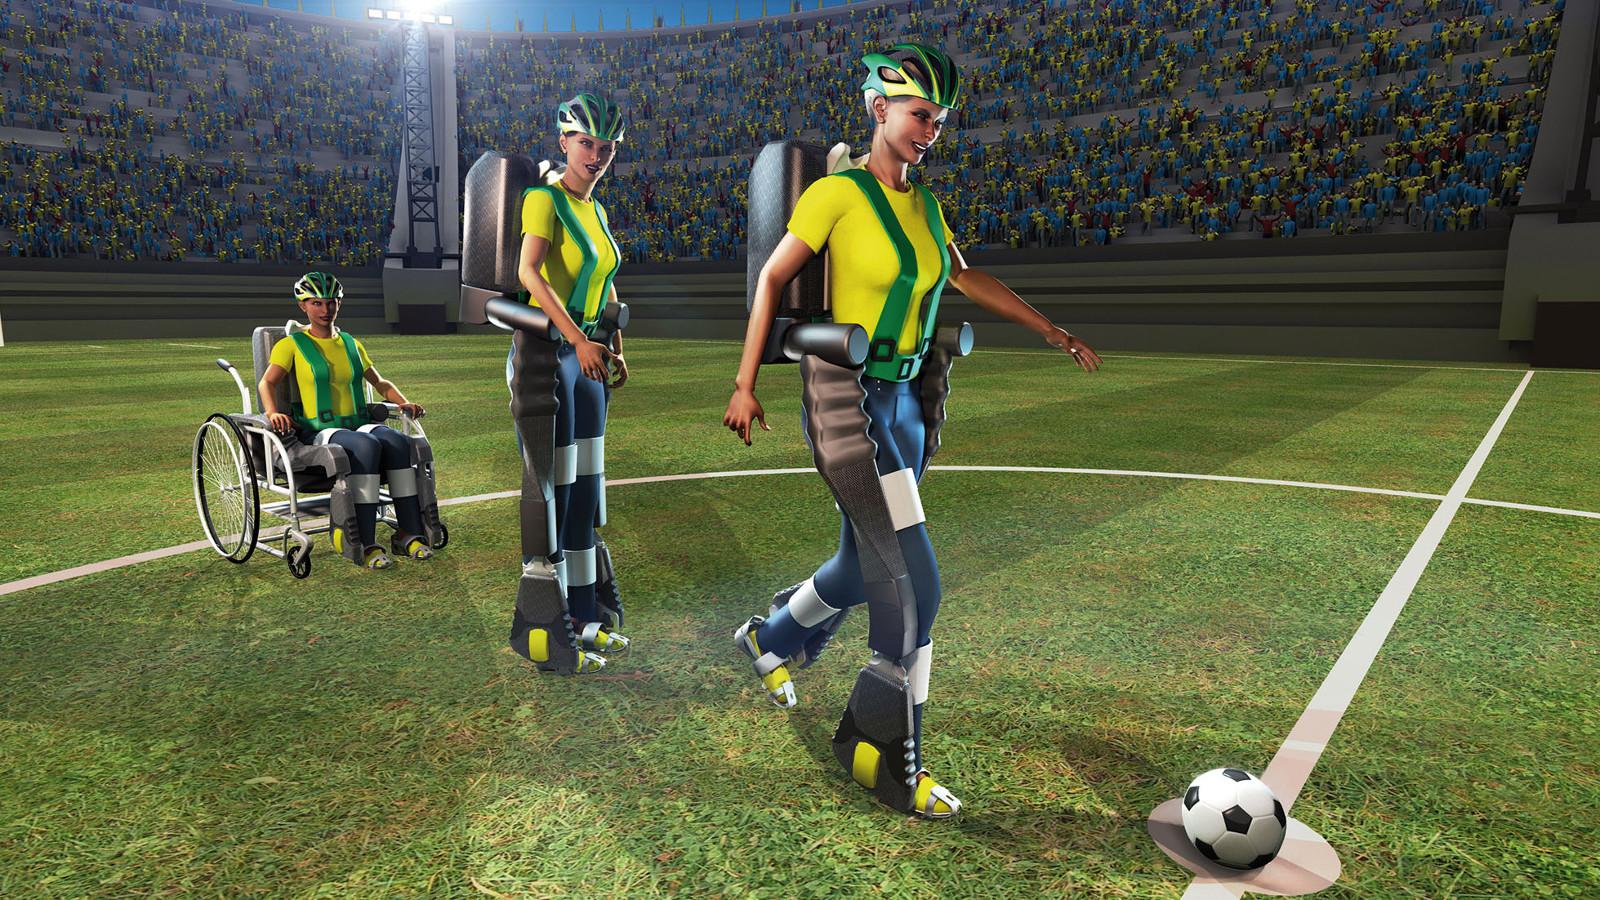 Первый удар по мячу на ЧМ 2014 по футболу сделает человек в экзоскелете!